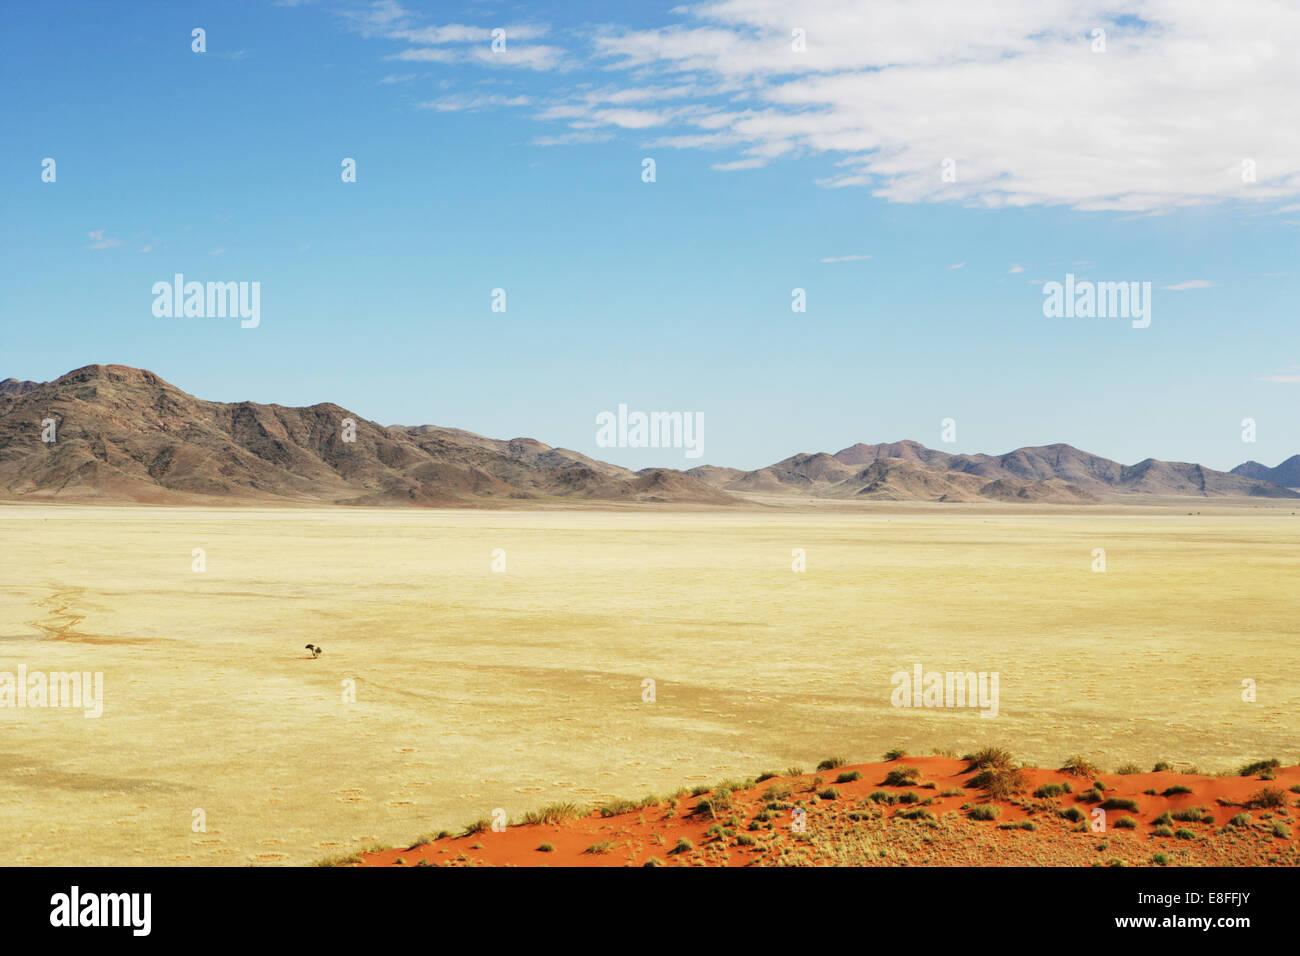 Desert and mountain landscape, Namib-Naukluft National park, Namibia - Stock Image